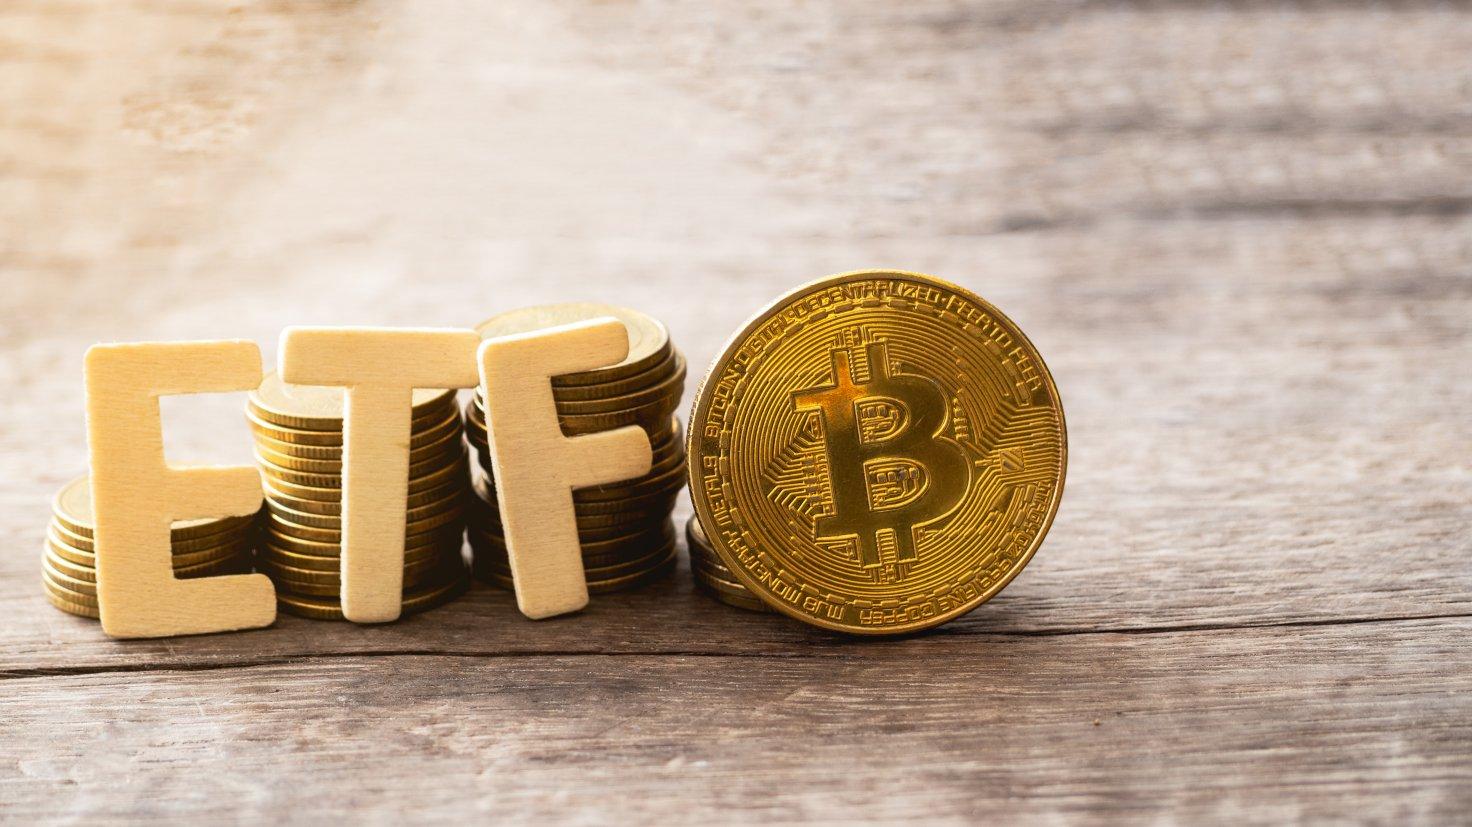 SEC có thể phê duyệt ETF BitCoin vào tháng 10 Số tiền khổng lồ